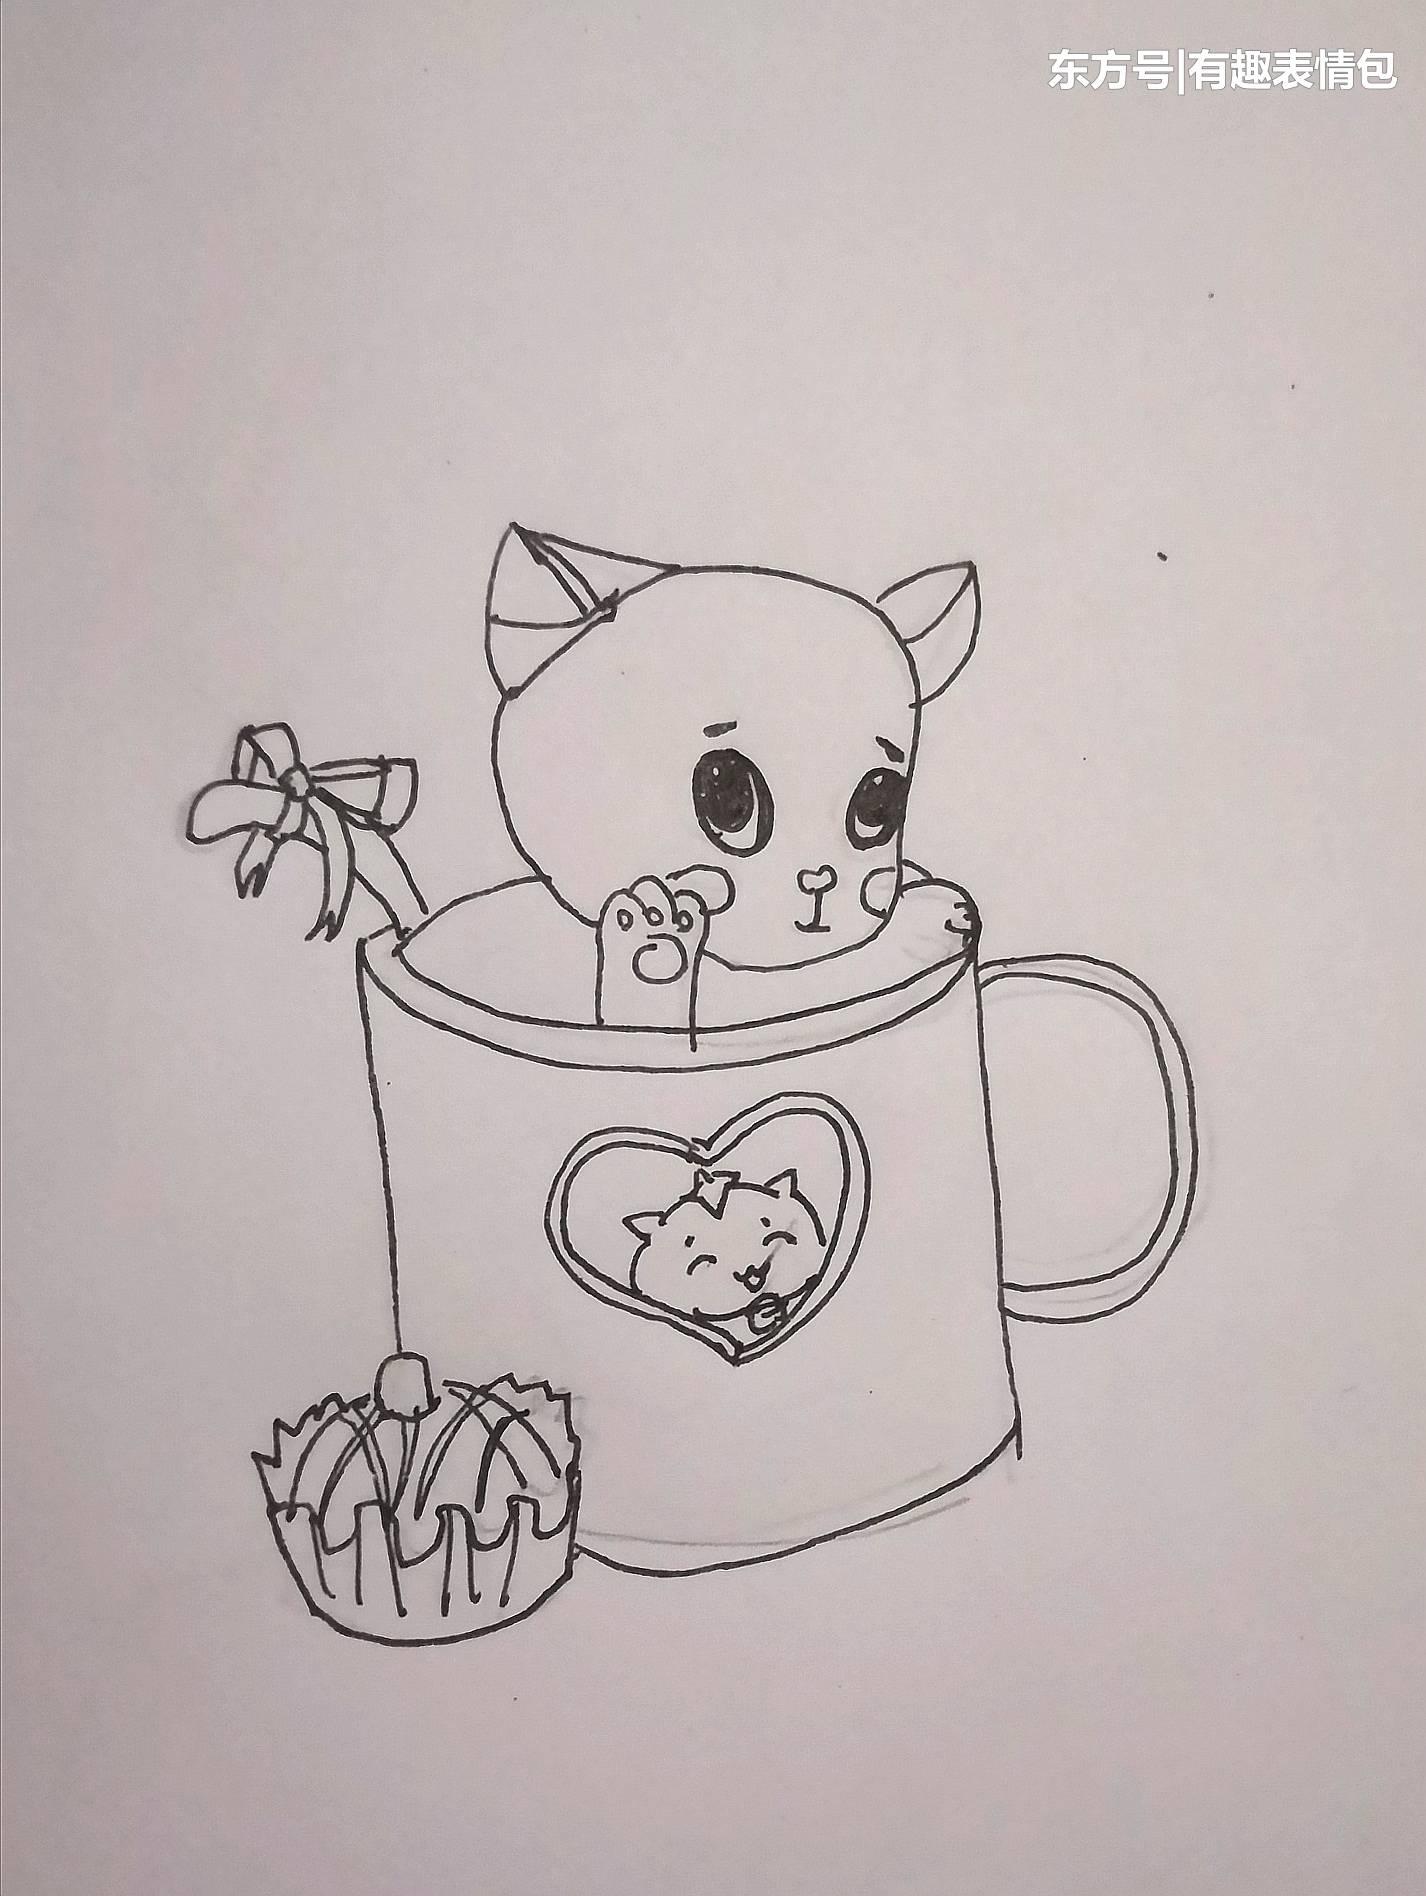 表情 手绘黑白素描可爱萌萌哒的杯中猫,可爱又萌有学问的猫 时讯网 表情